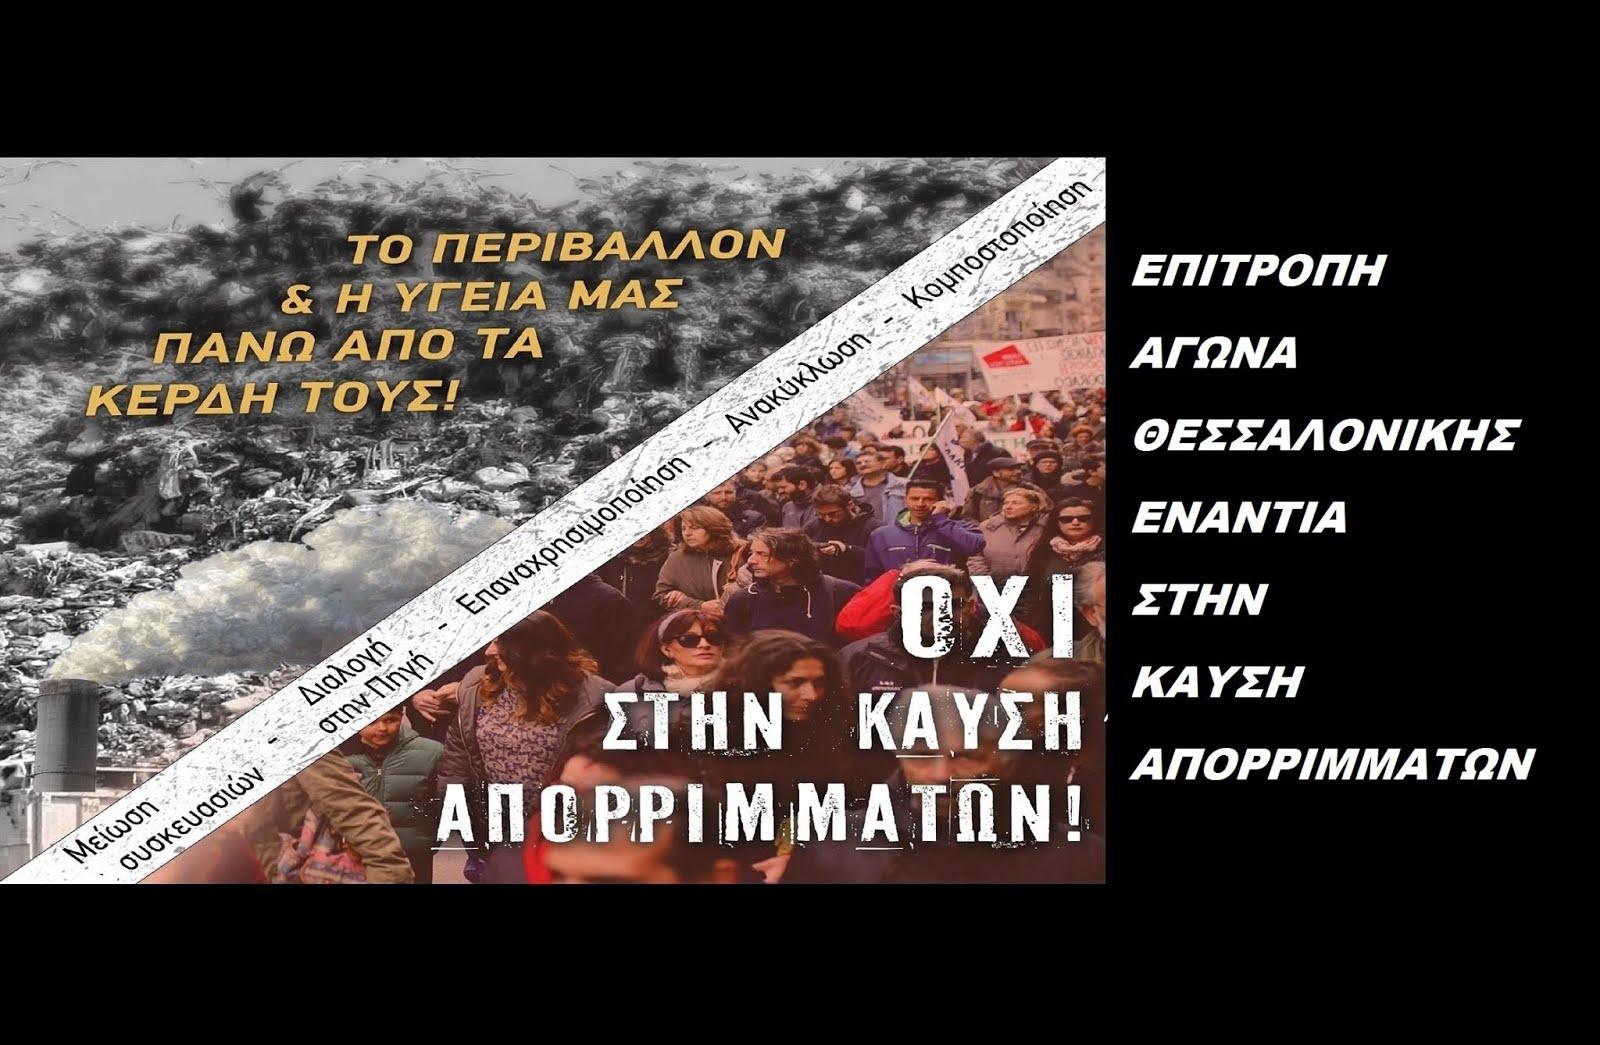 Επιτροπή Αγώνα Θεσσαλονίκης Ενάντια στην Καύση Απορριμμάτων